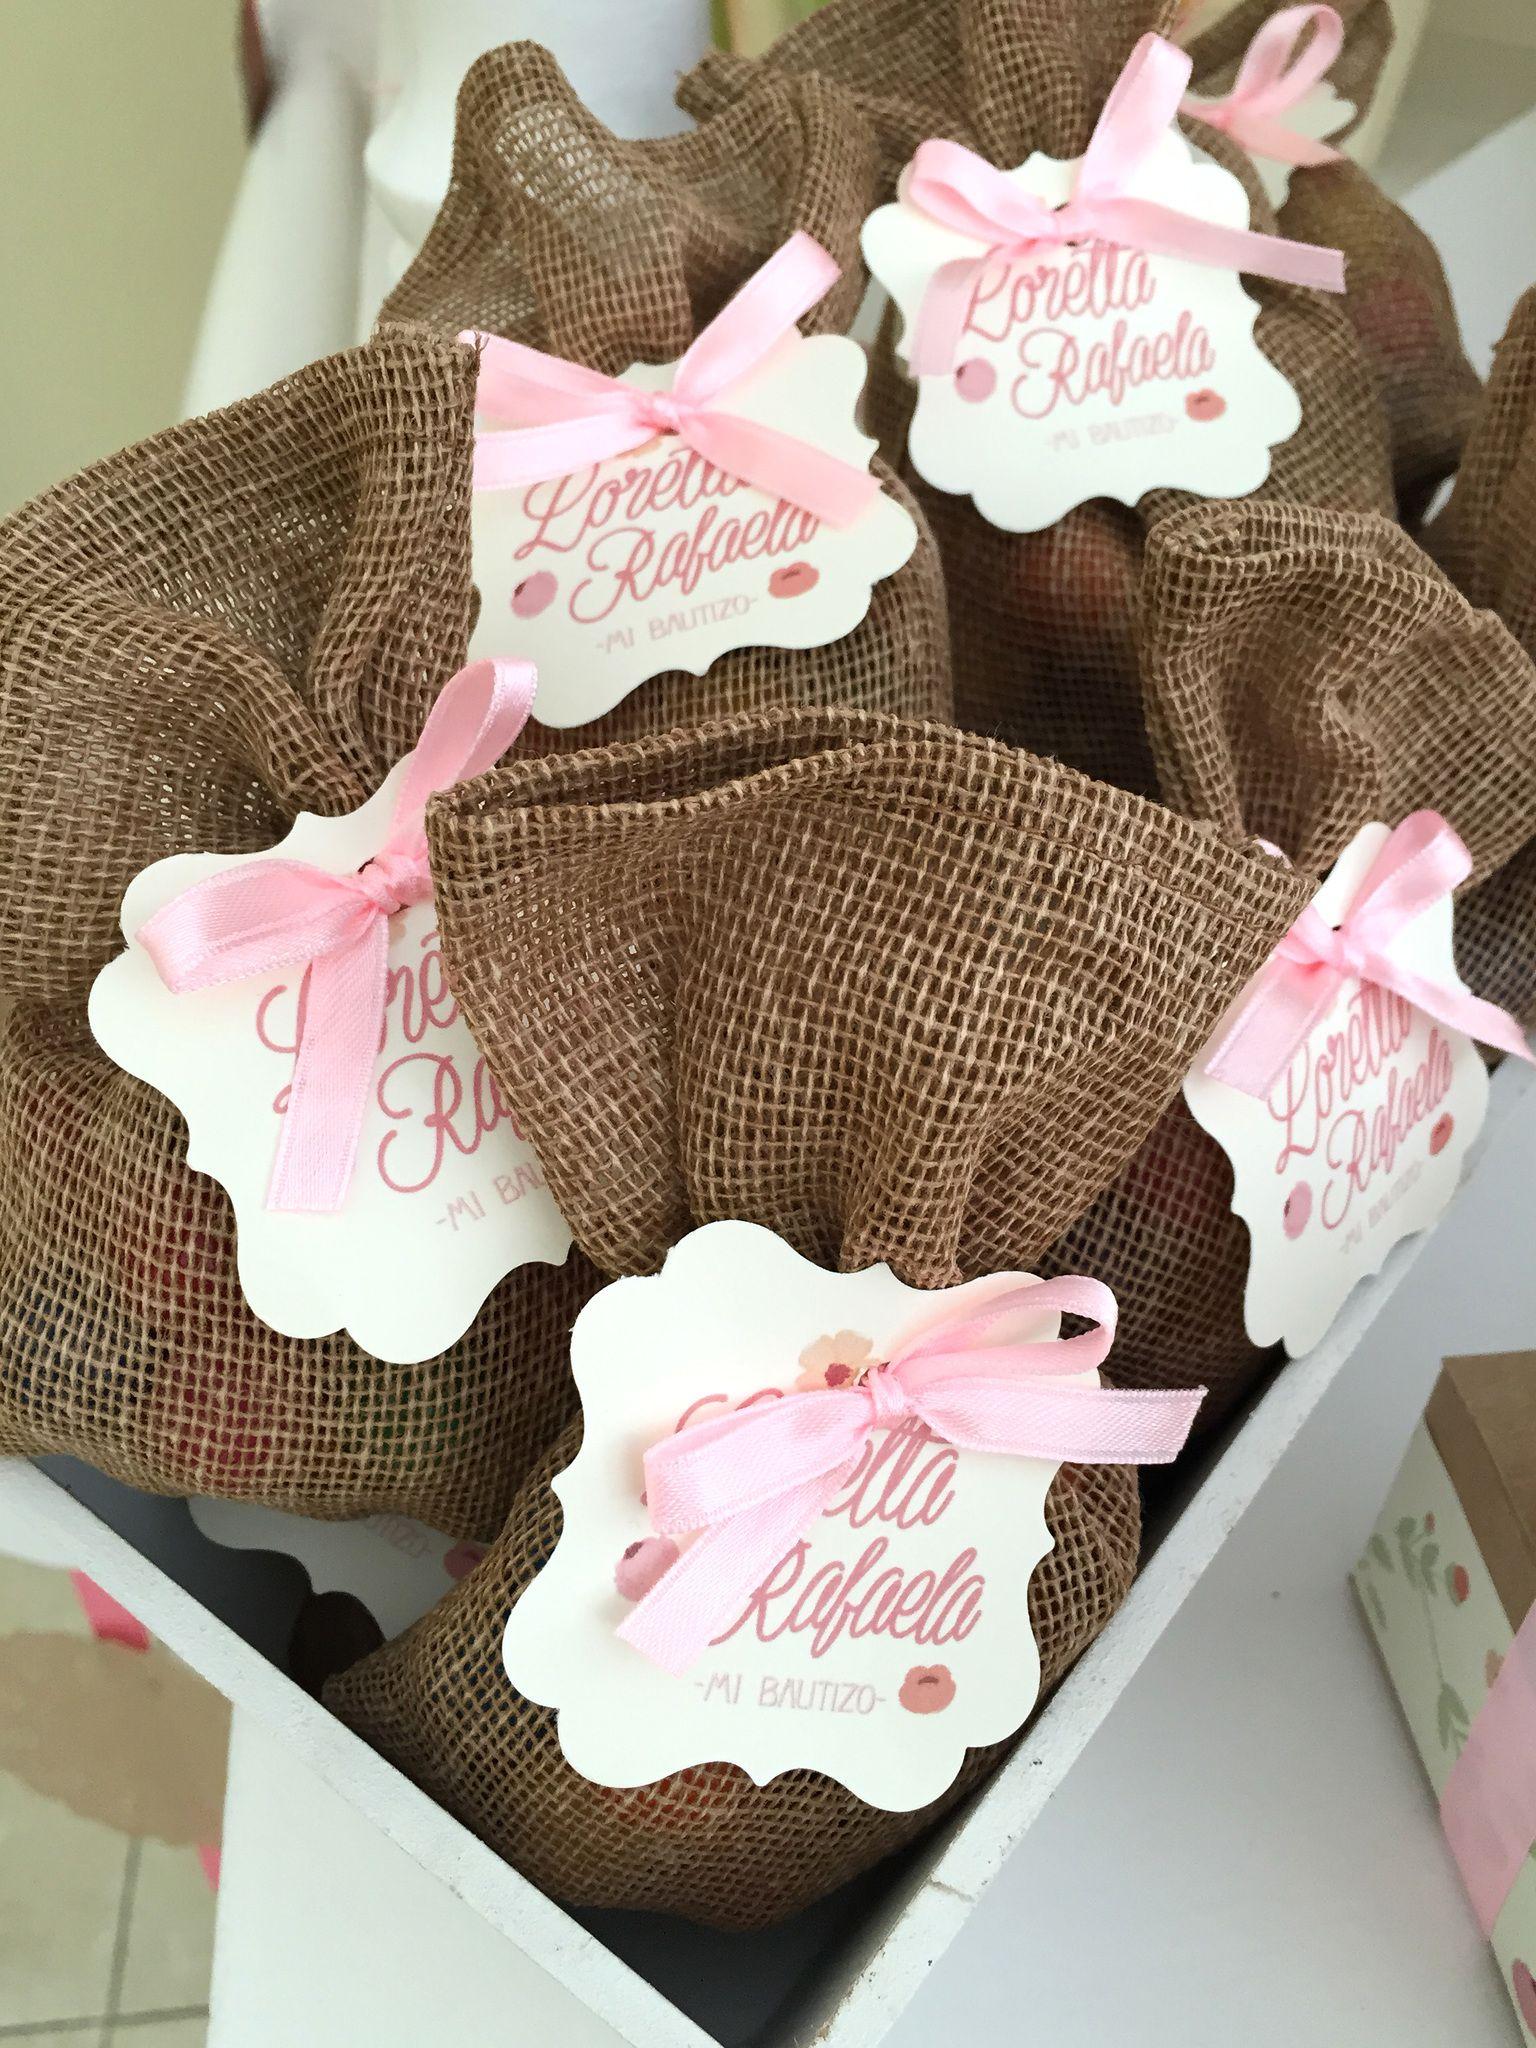 En estas lindas bolsitas de yute metimos unos dulcesitos para la mesa de dulces del bautizo de Loretta Rafaela :)